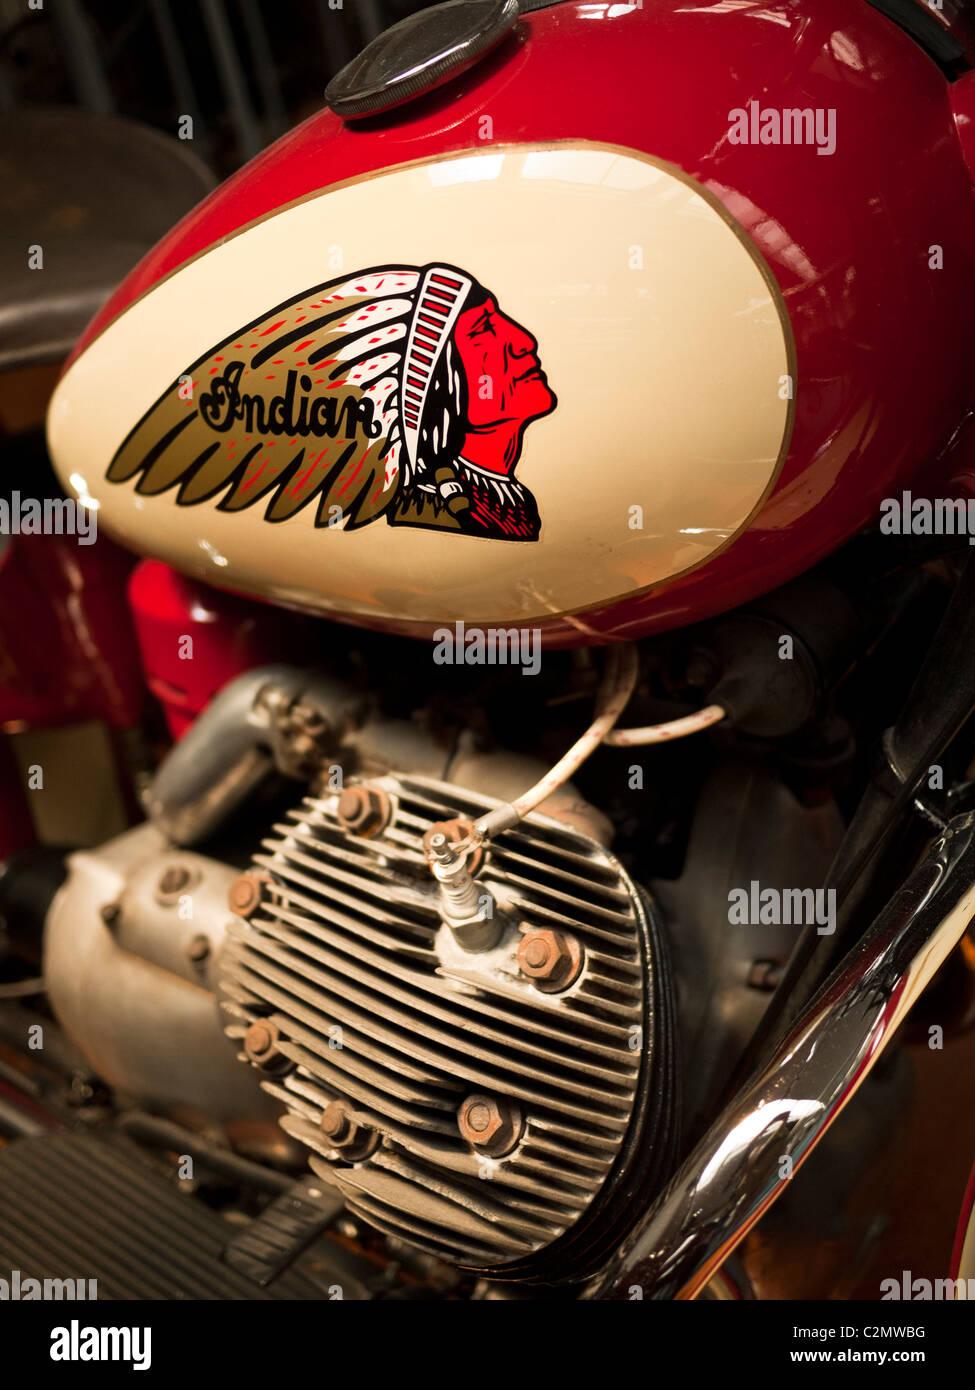 Moto Indian, il serbatoio del carburante e il motore close-up Immagini Stock